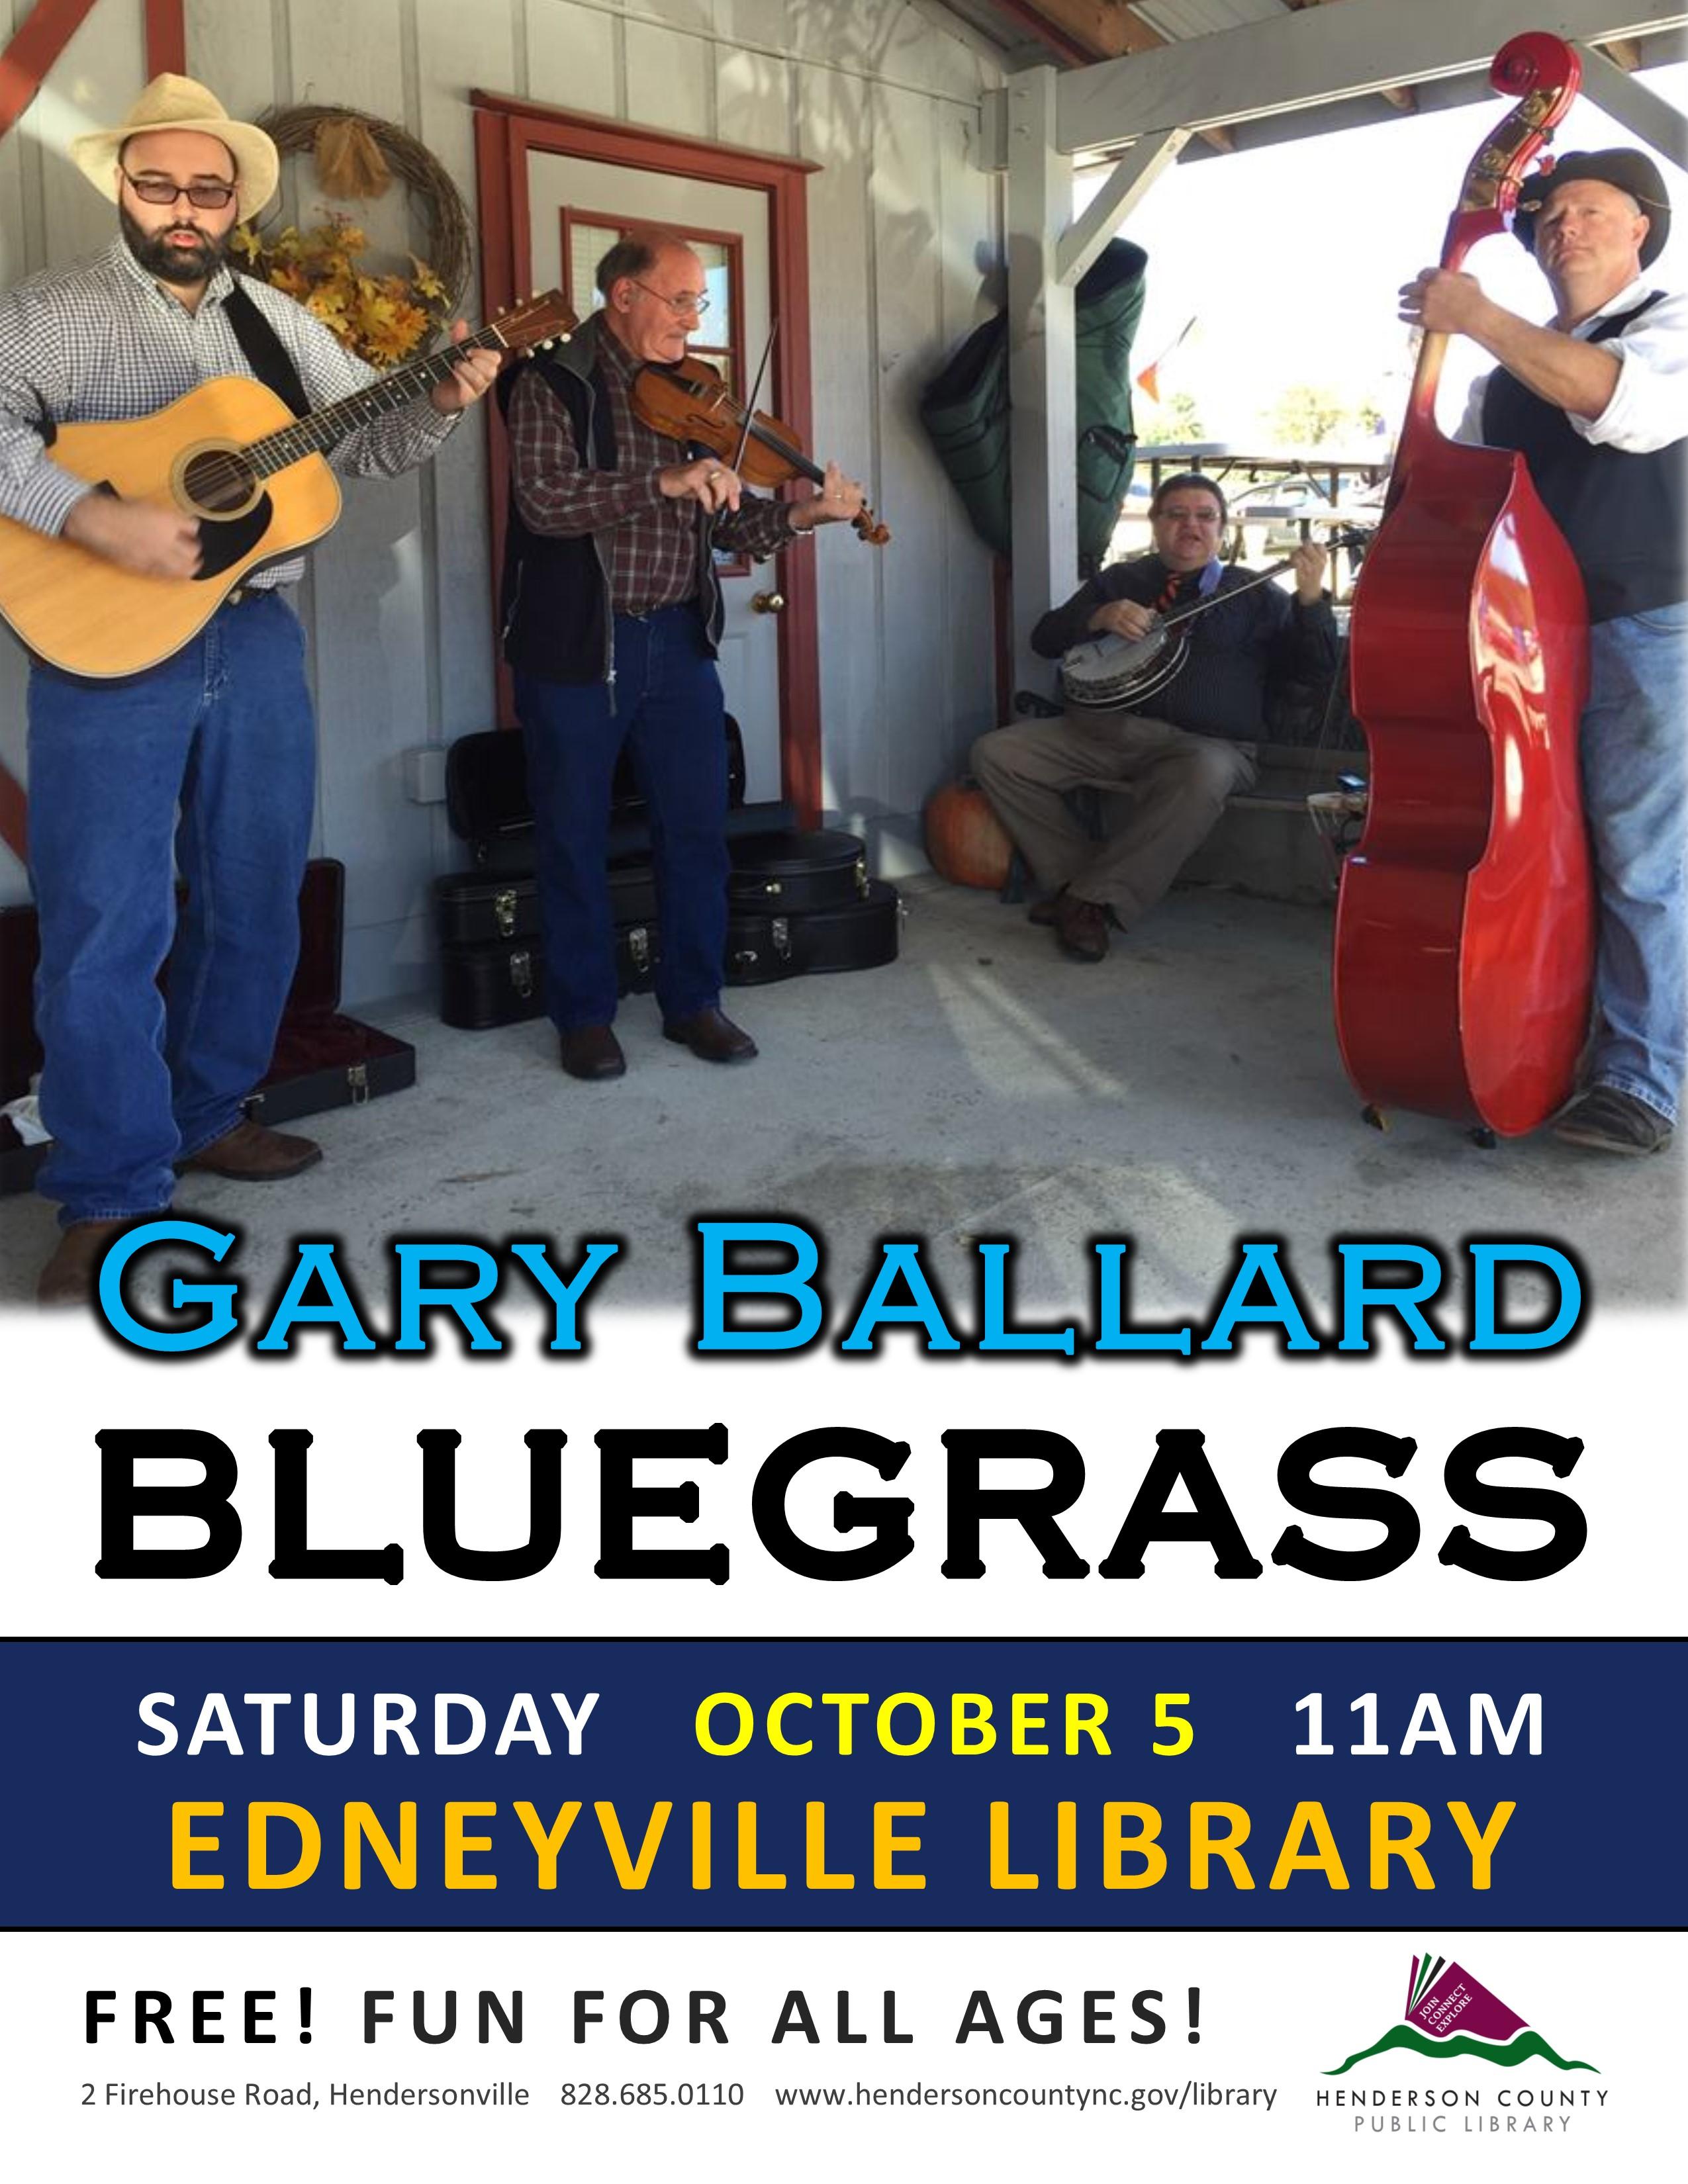 Gary Ballard Bluegrass